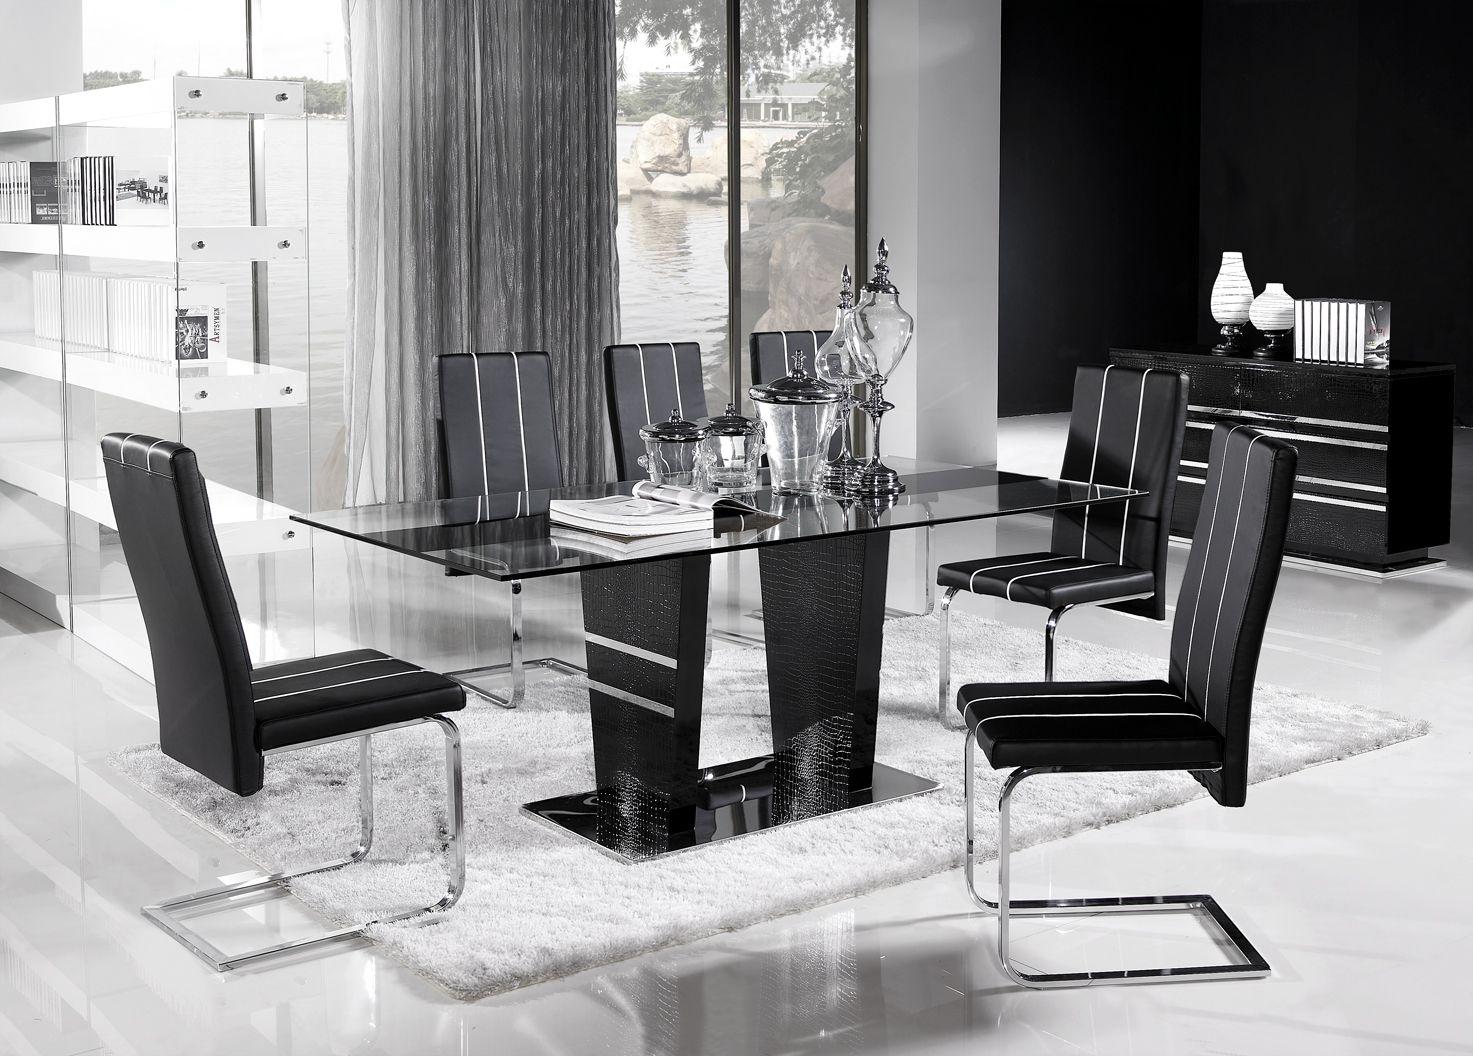 Mesas de cristal templado y base de madera llevatelas ya for Mesas de madera precios